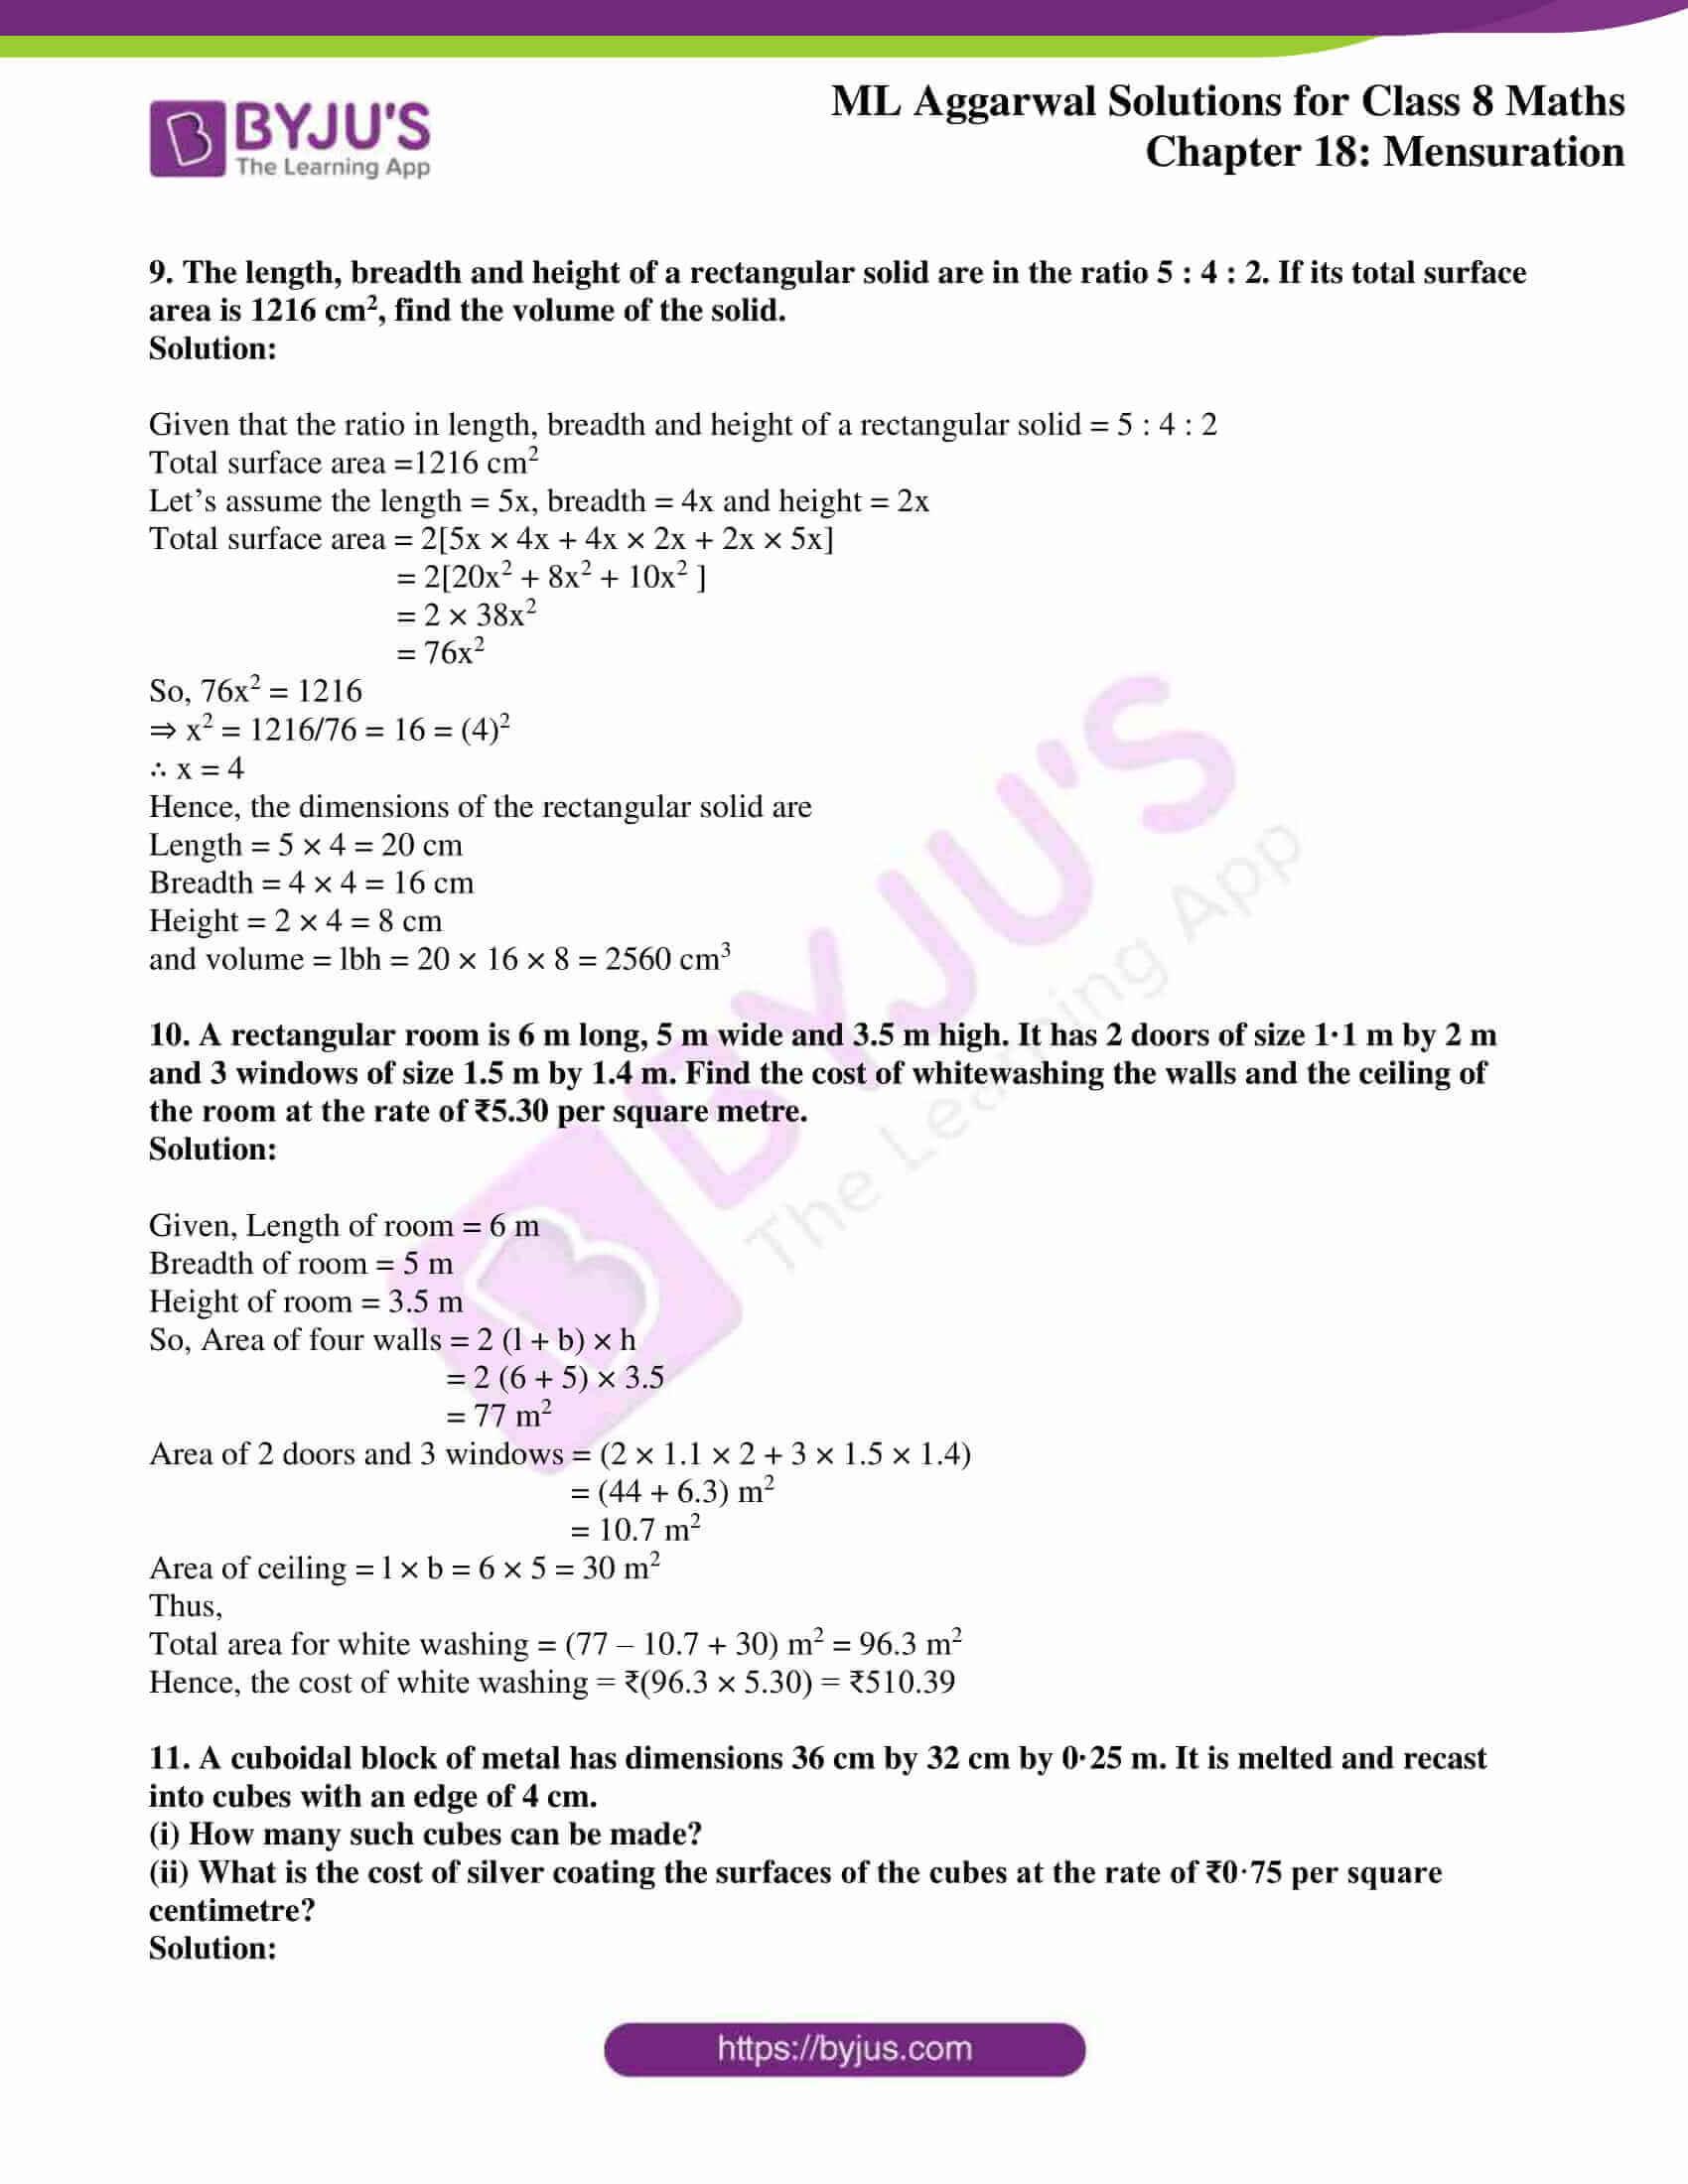 ml aggarwal sol mathematics class 8 ch 18 31